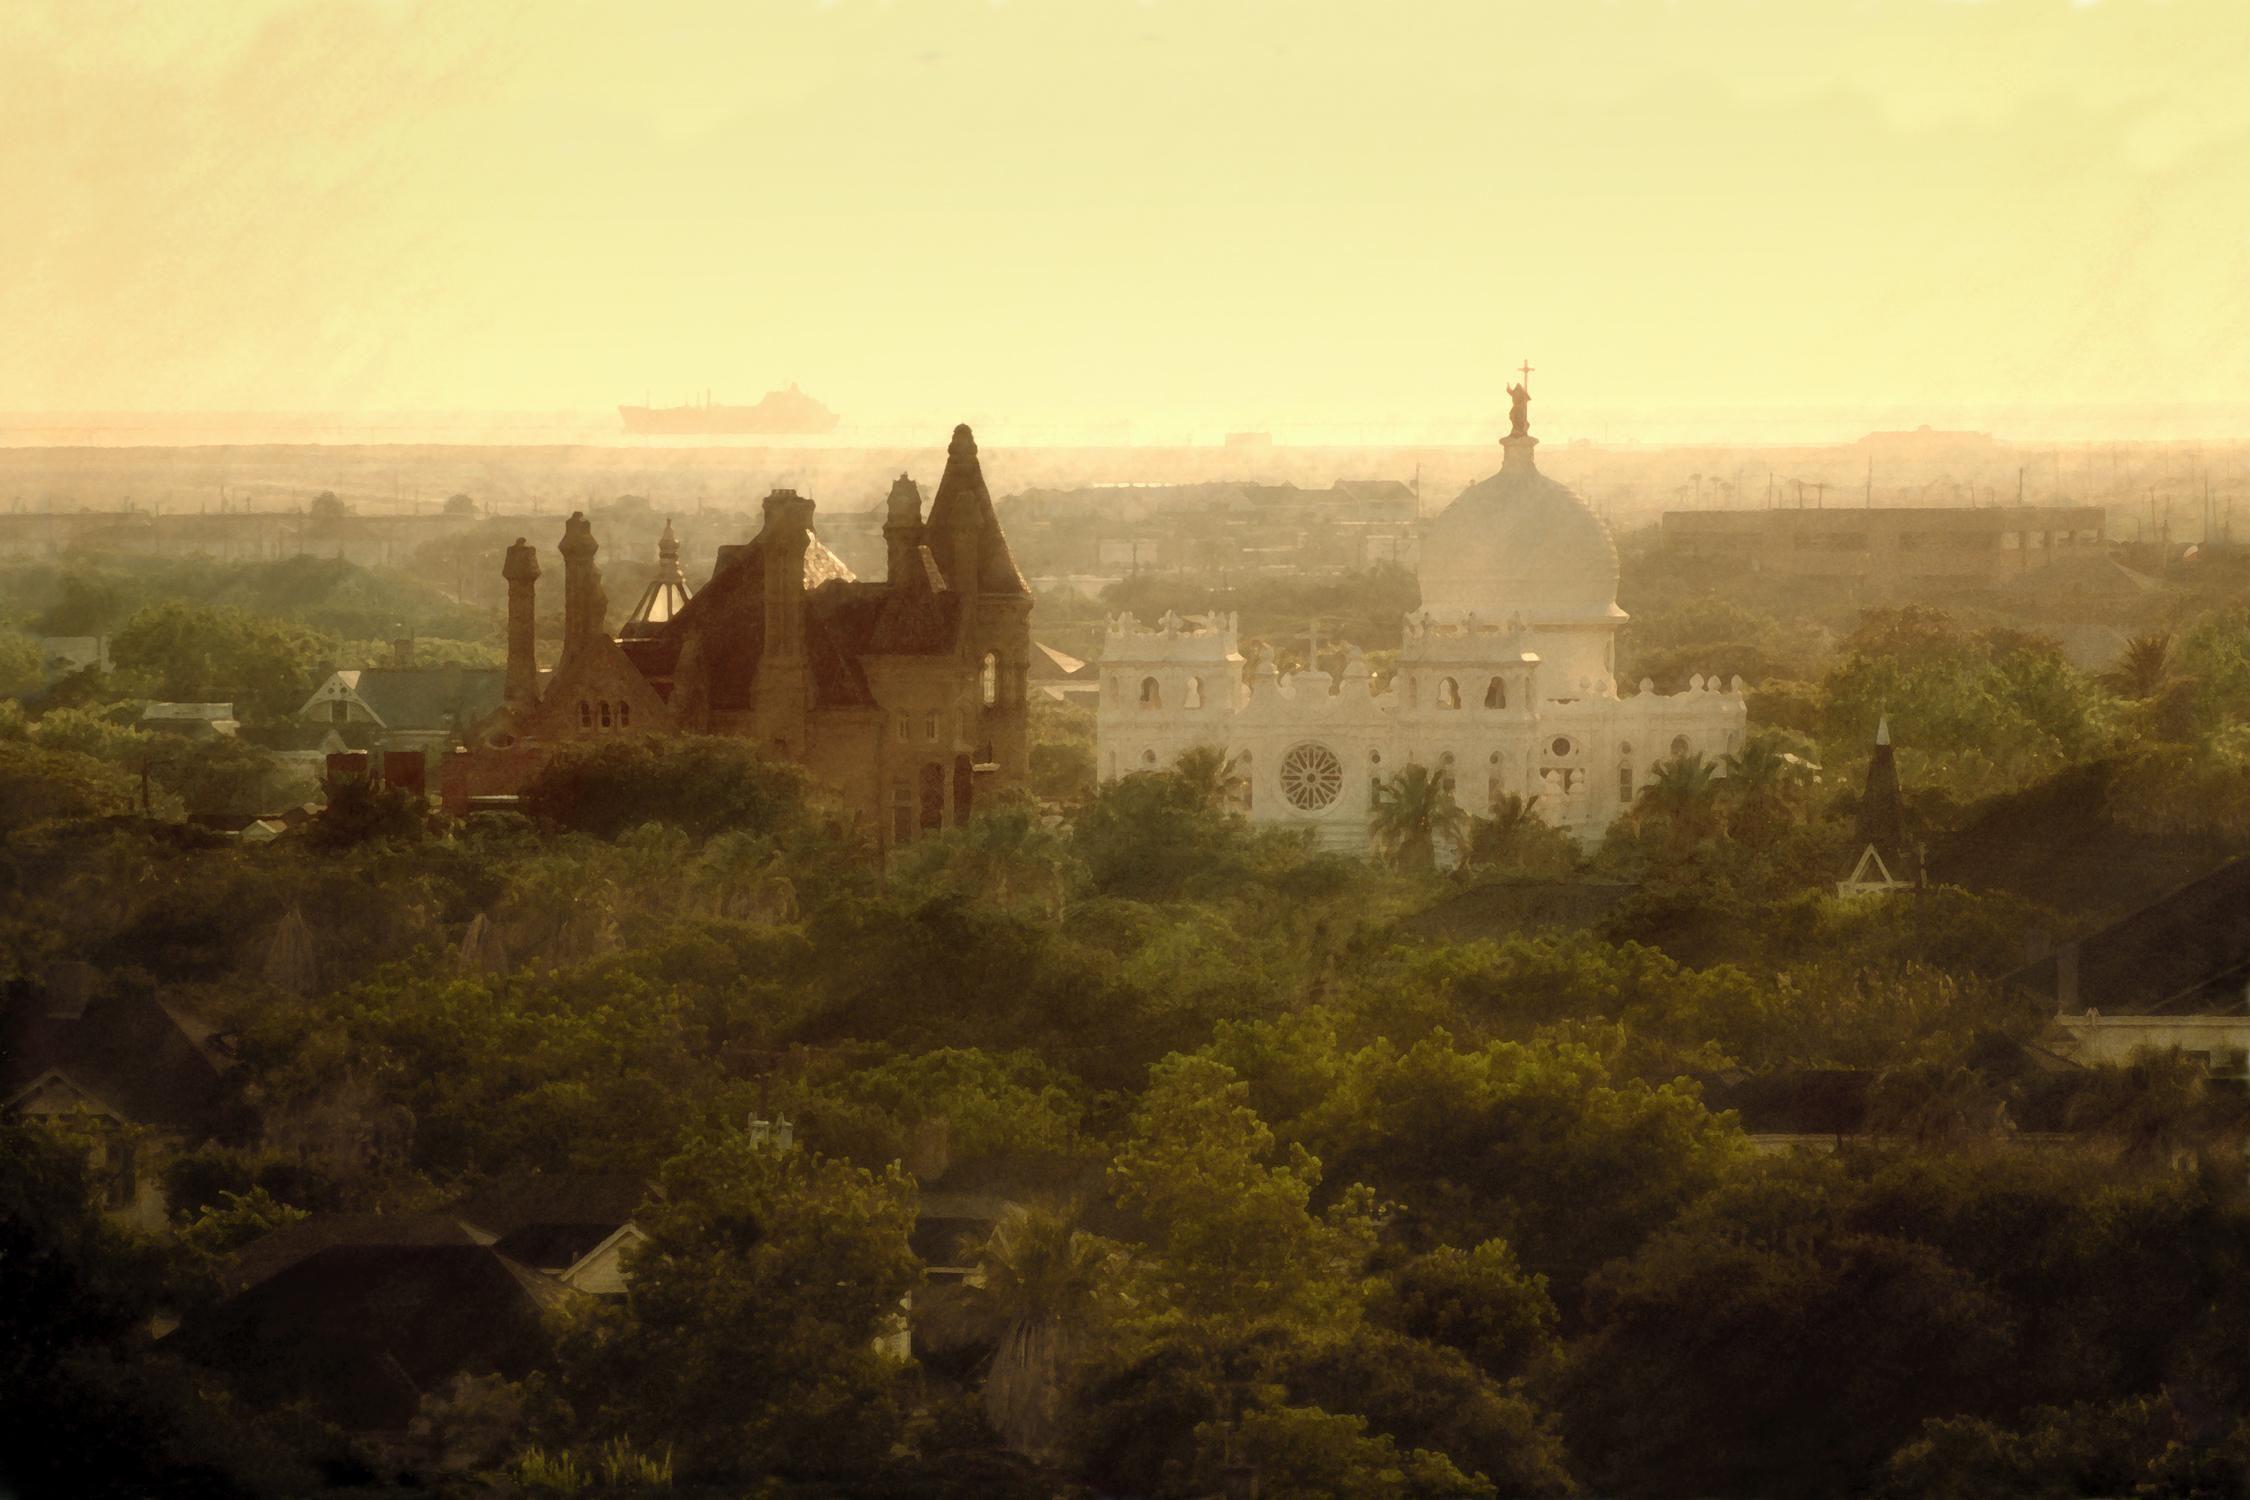 Romantic Shot Overlooking Historic 1892